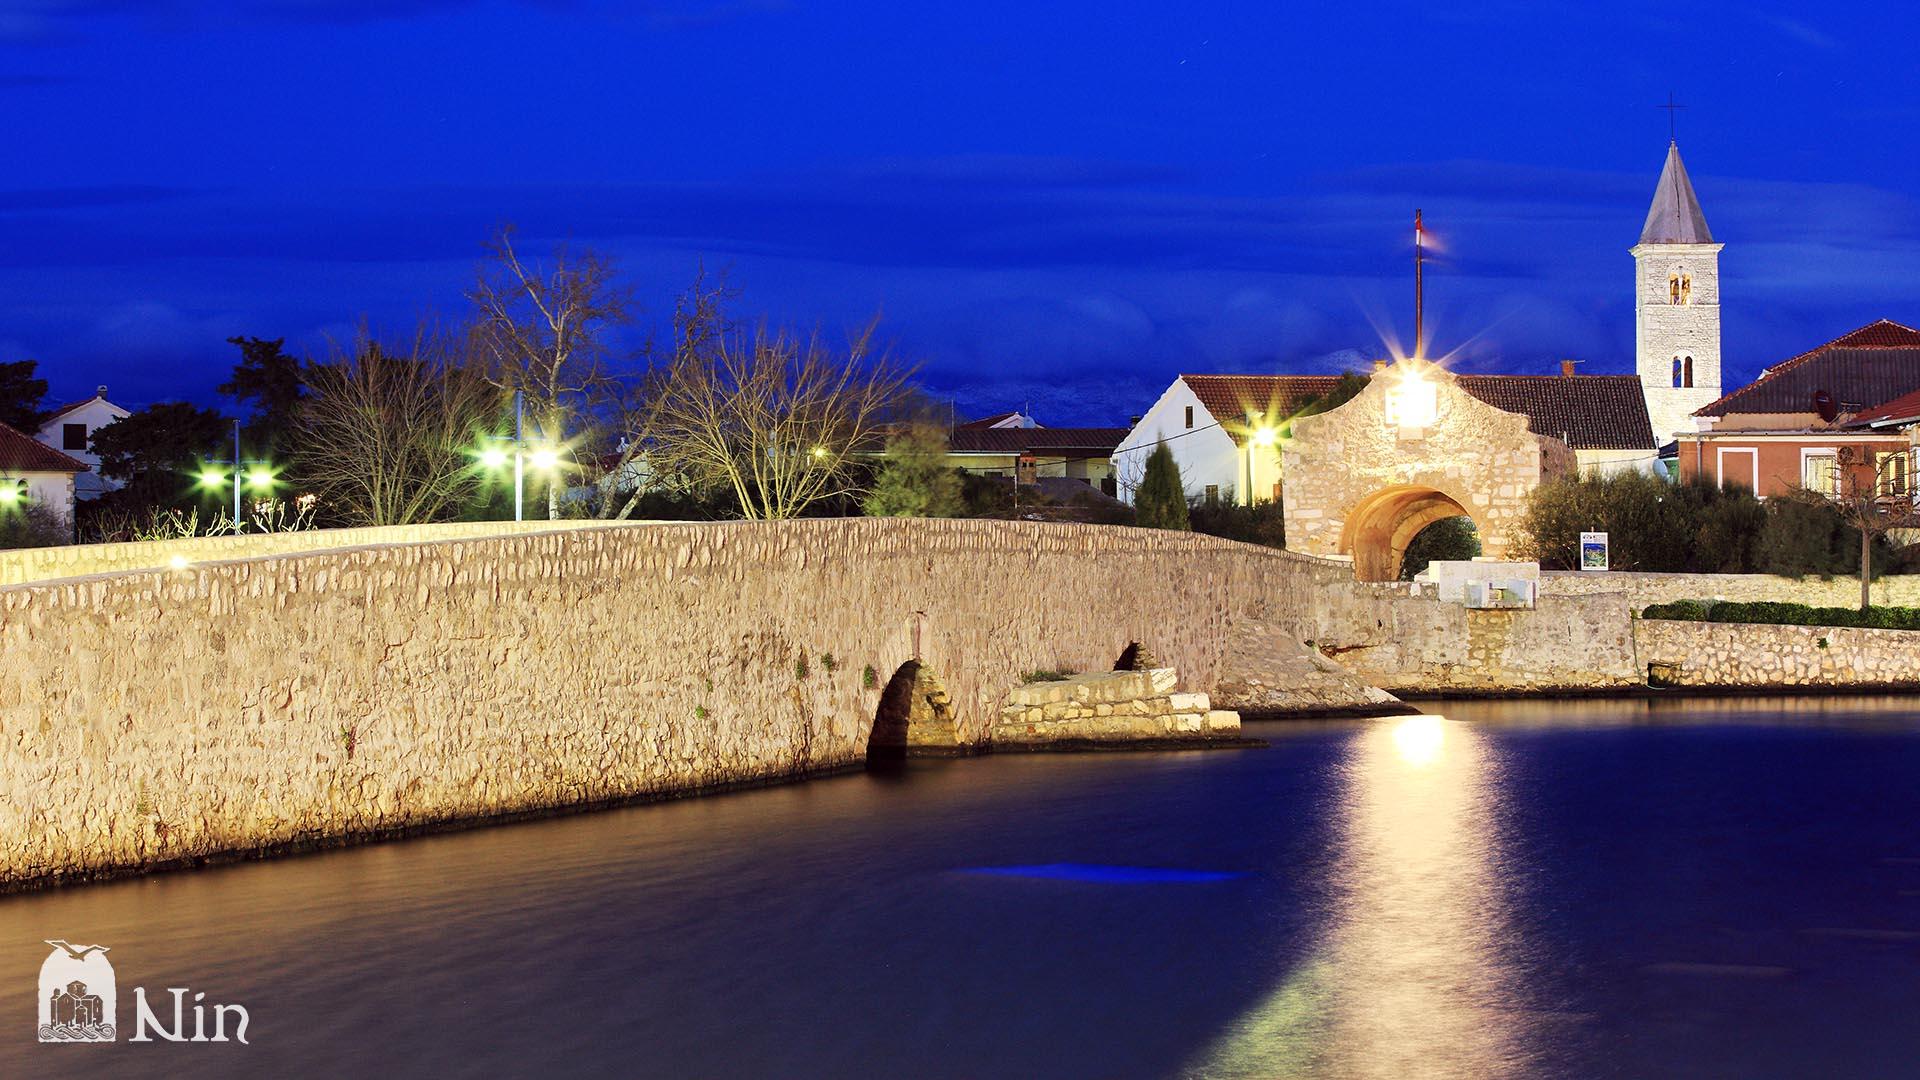 Brücke zu Altstadt von Nin